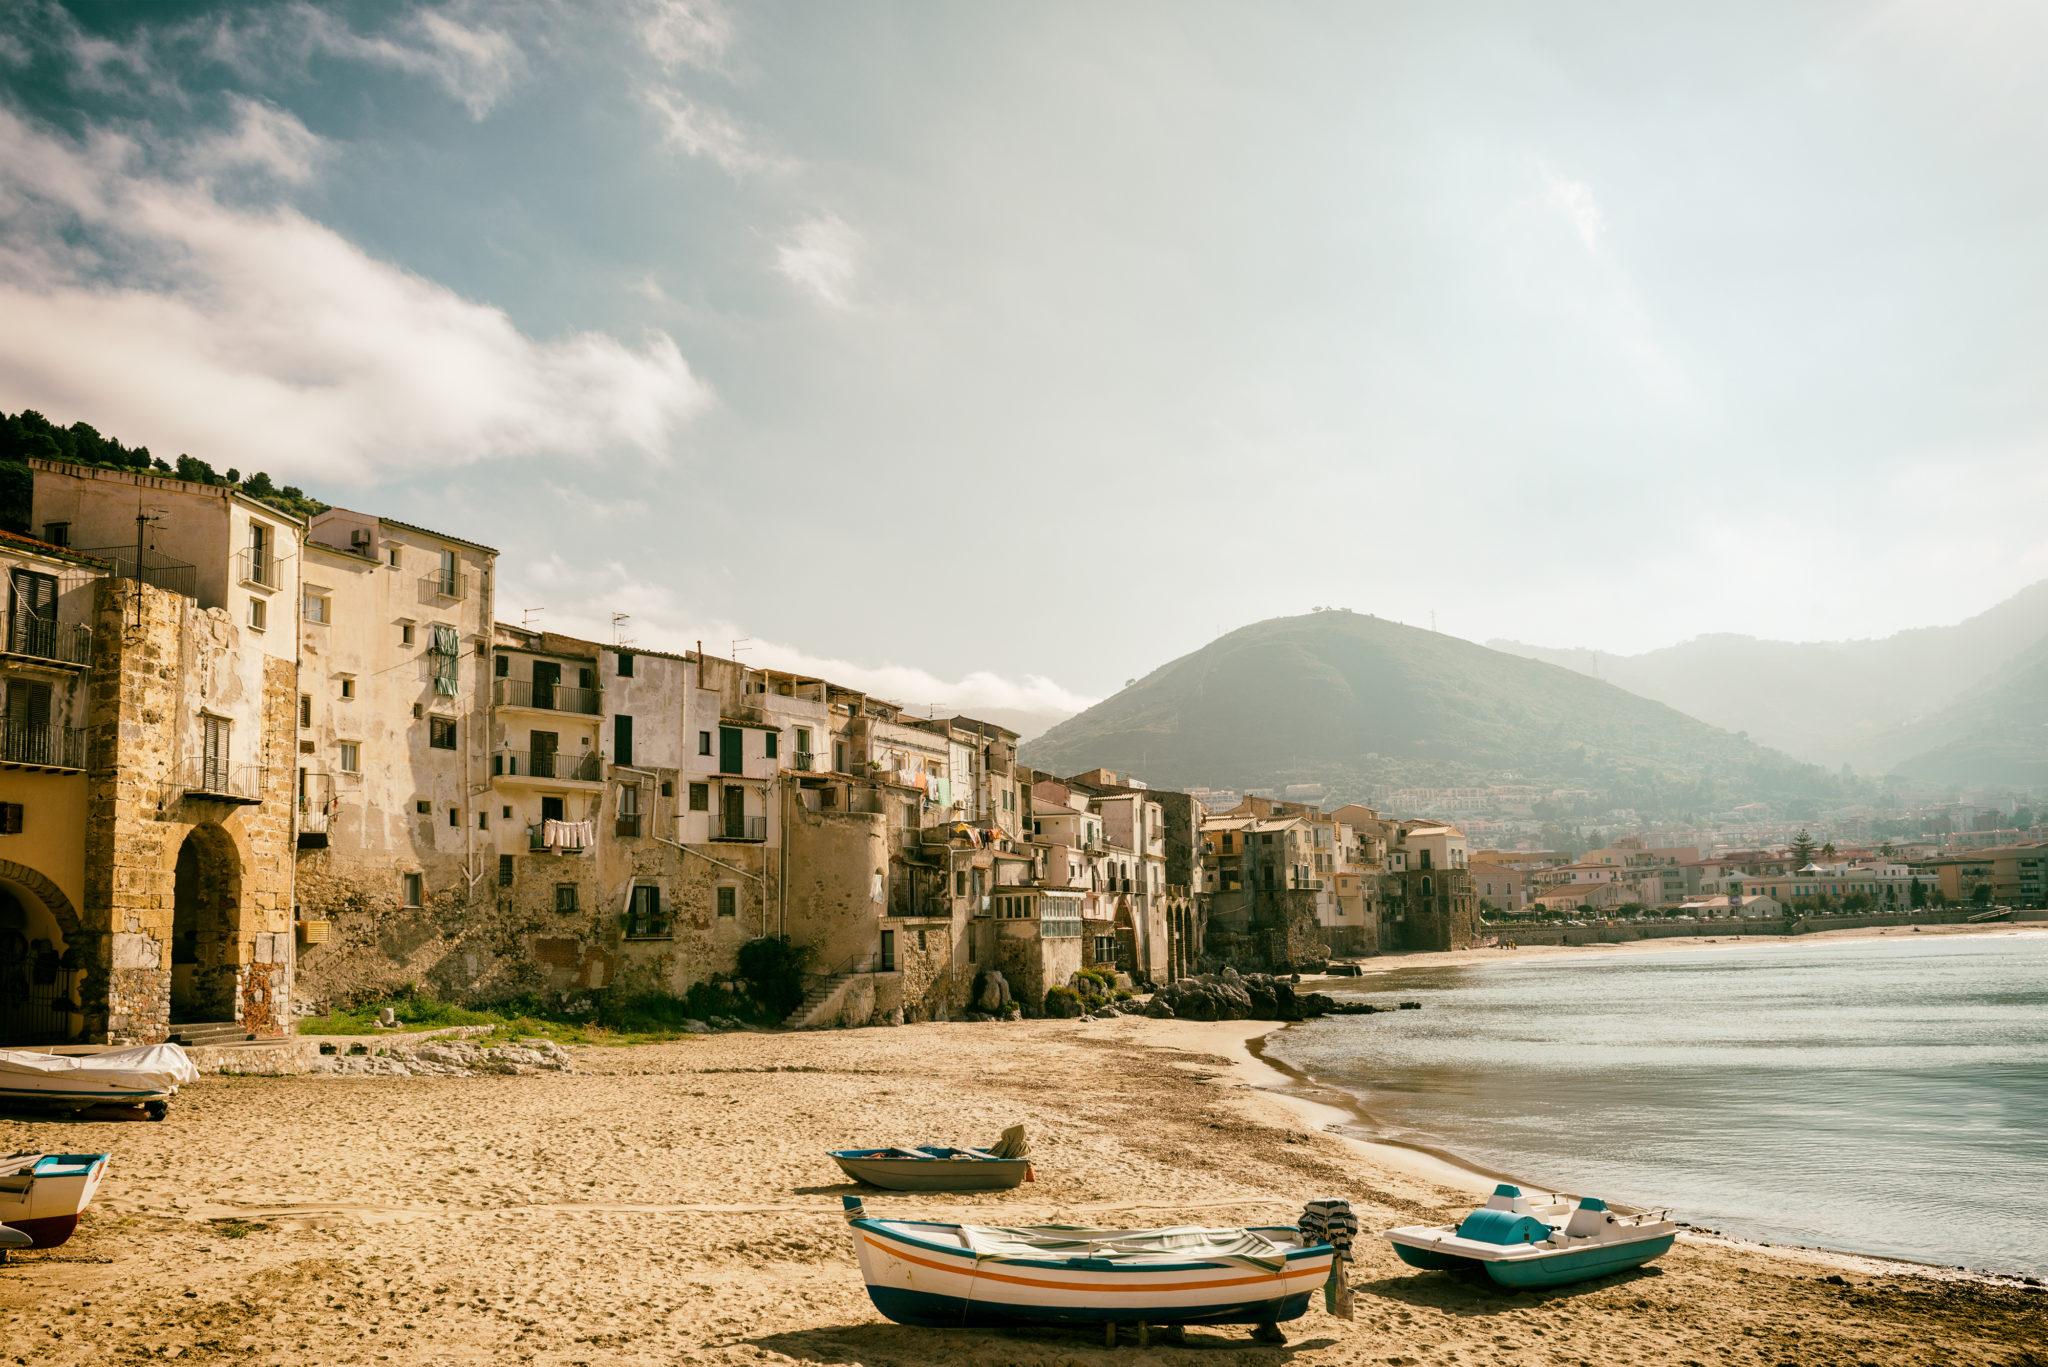 Strand von Cefalù in Sizilien